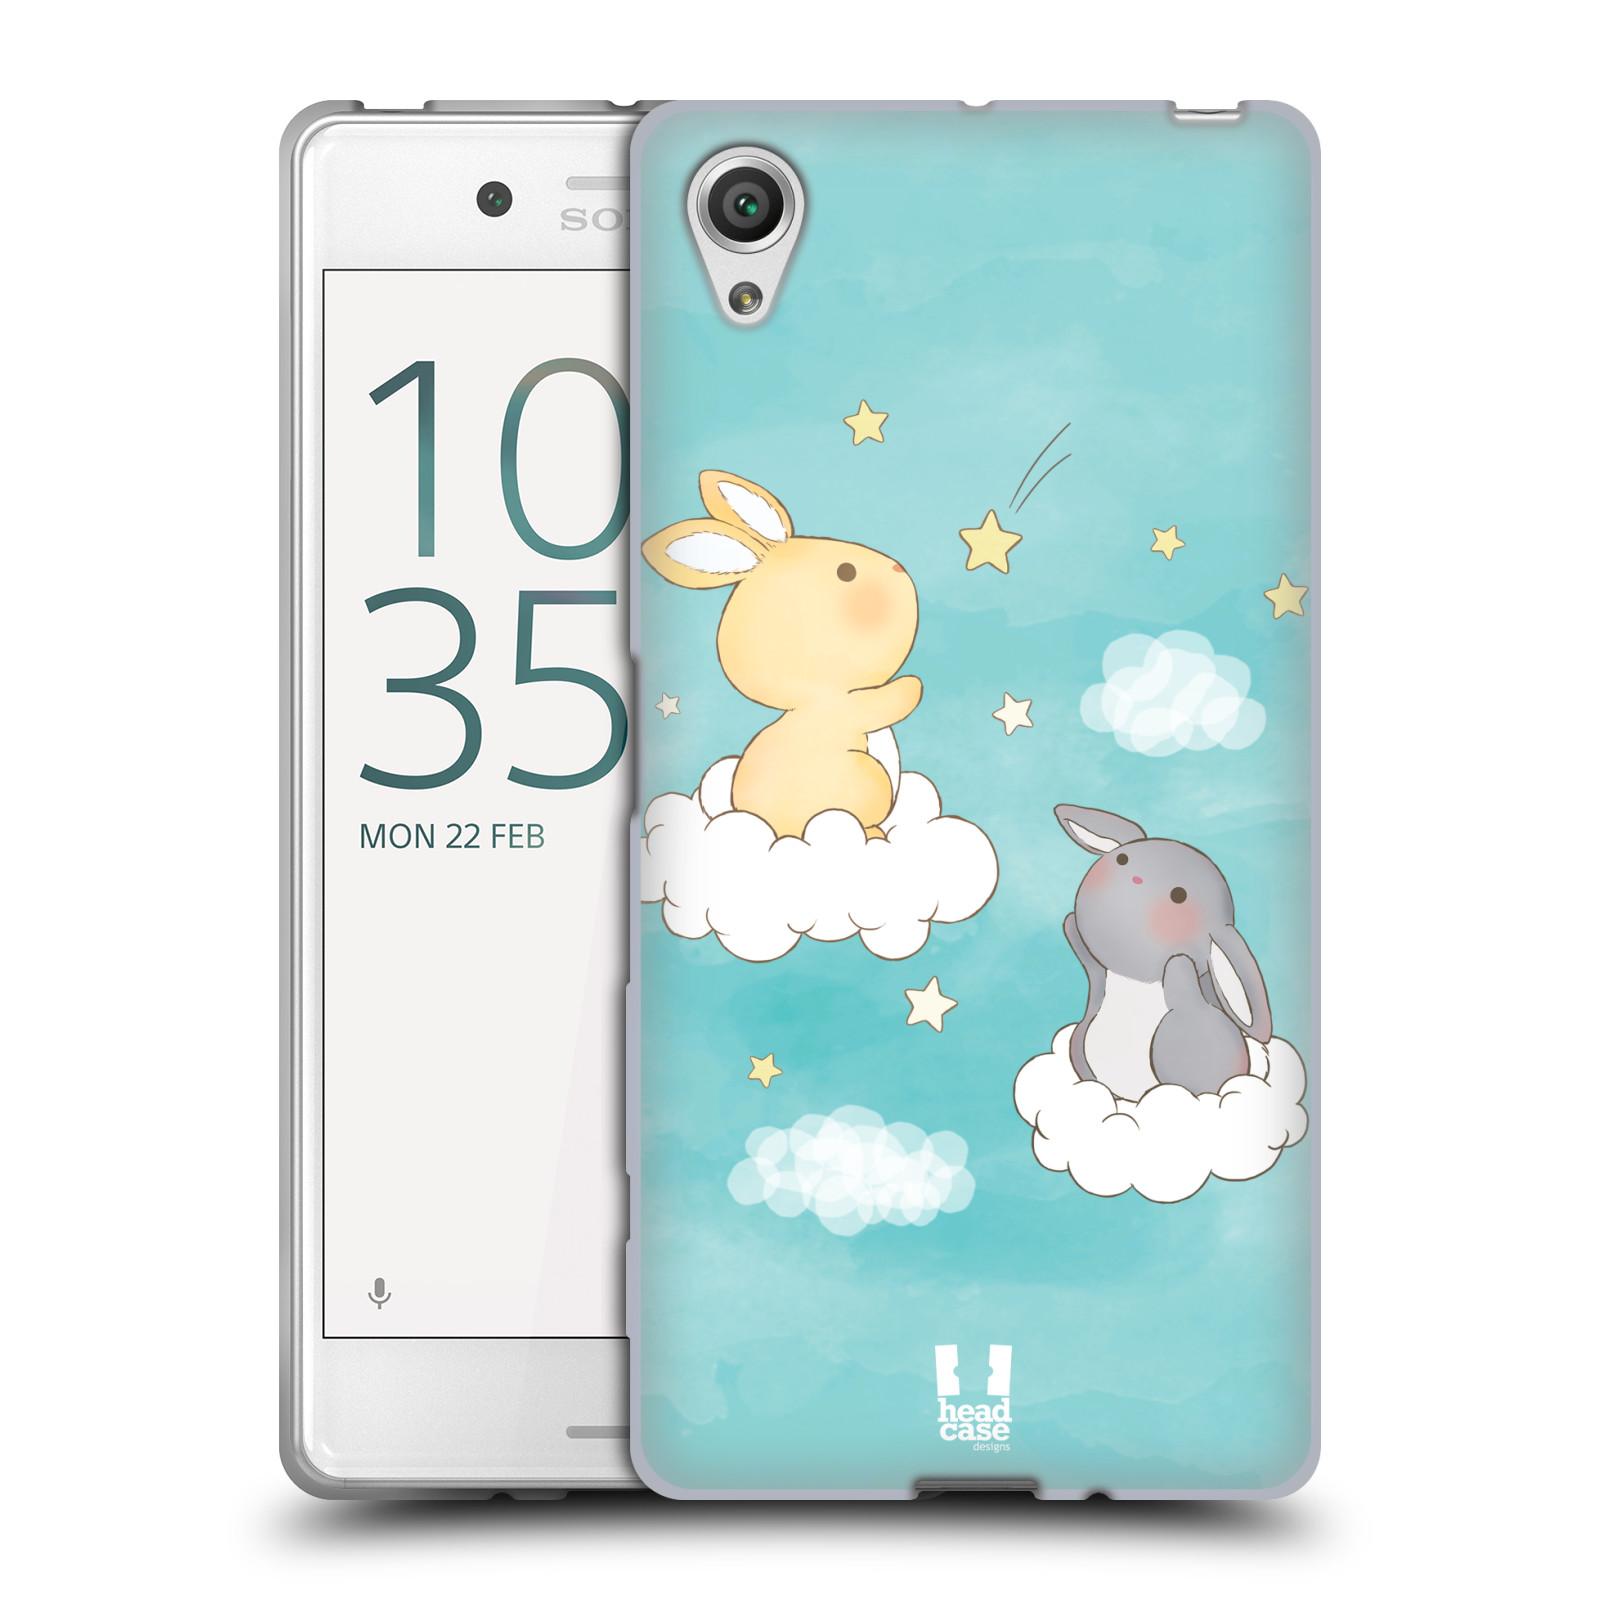 HEAD CASE silikonový obal na mobil Sony Xperia X / X DUAL vzor králíček a hvězdy modrá